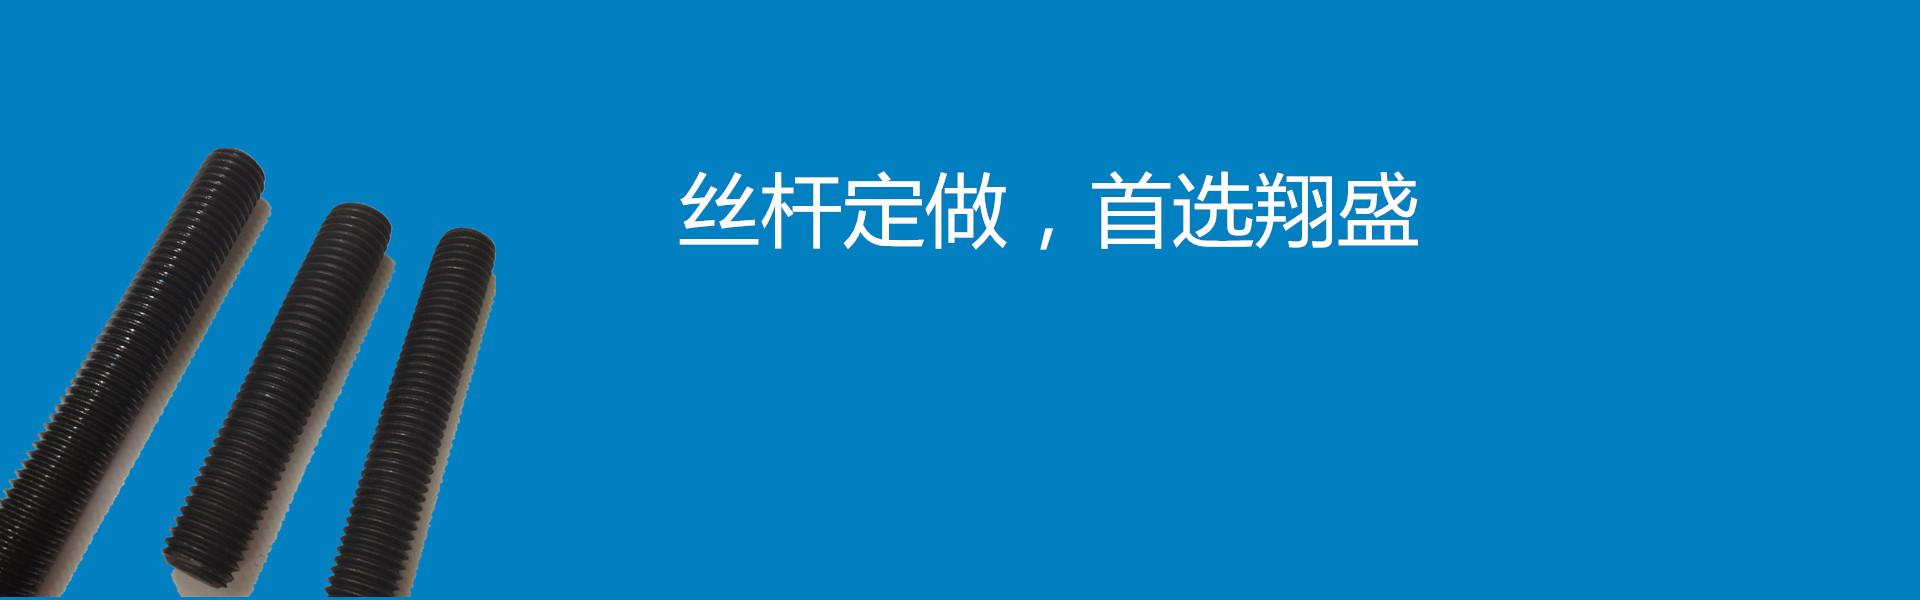 字幕网app 下载资源网站